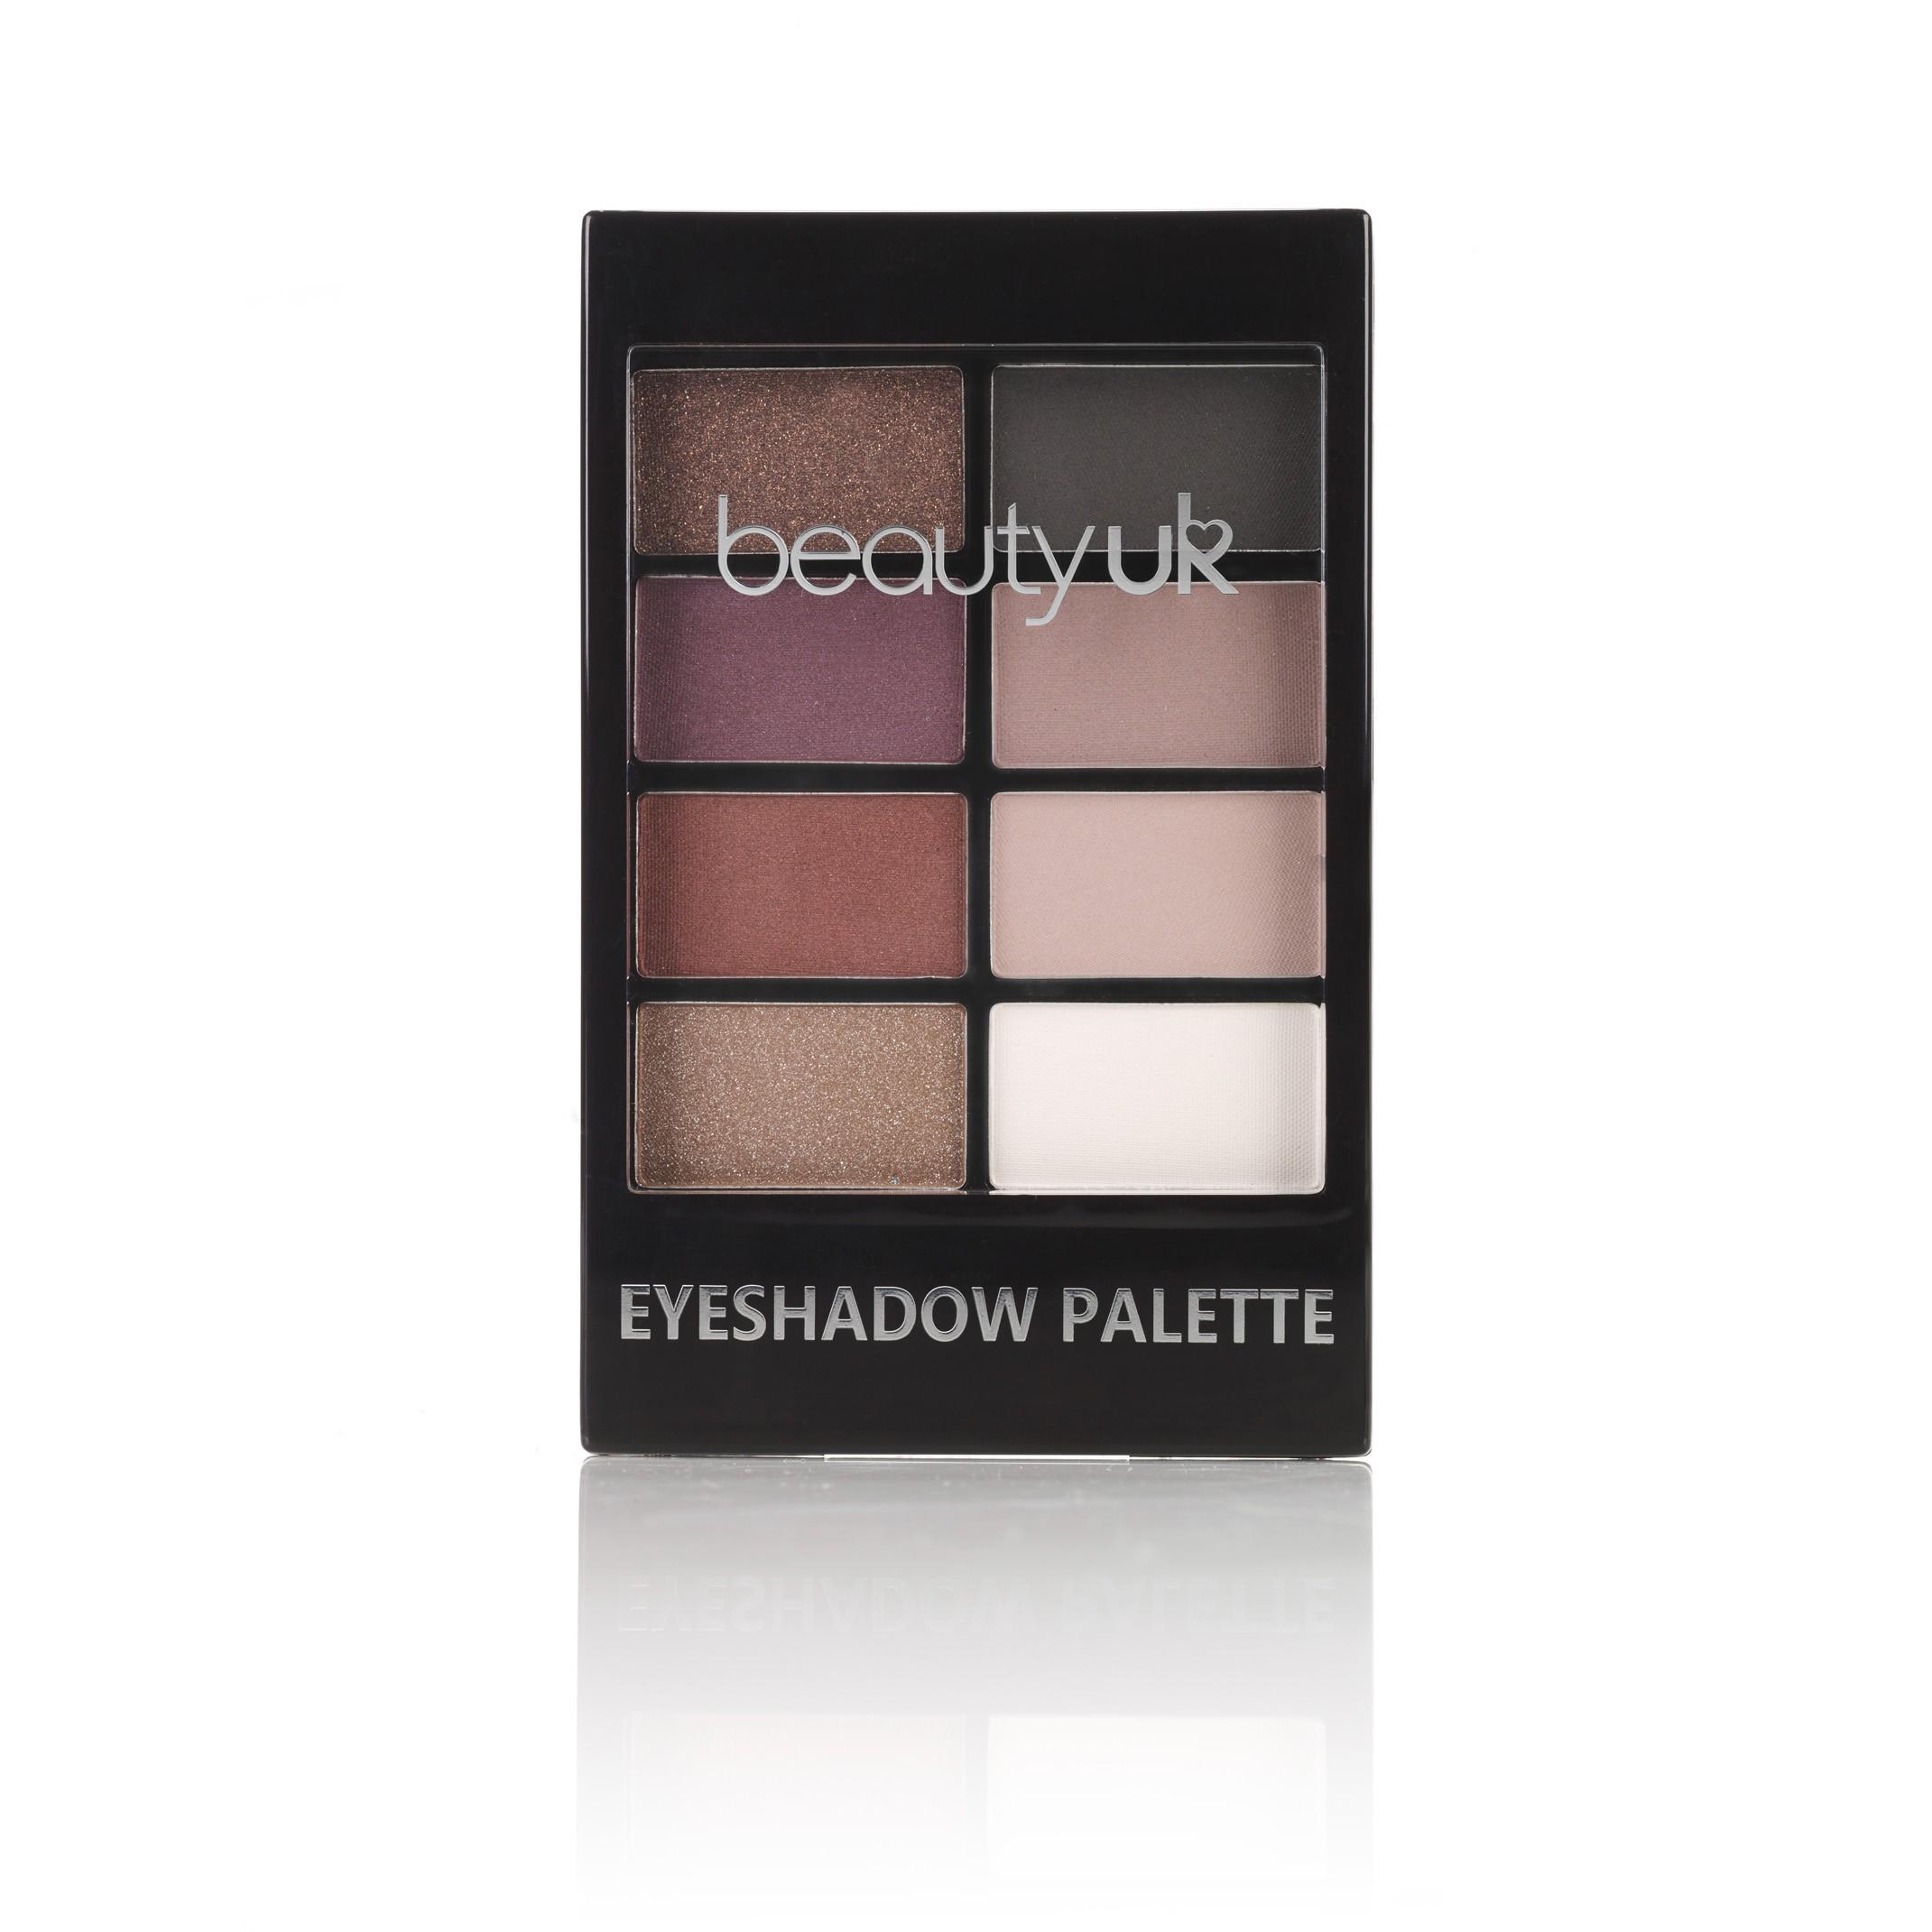 Image of beautyUK - Lidschatten-Palette - Eyeshadow Palette (ES024FK)